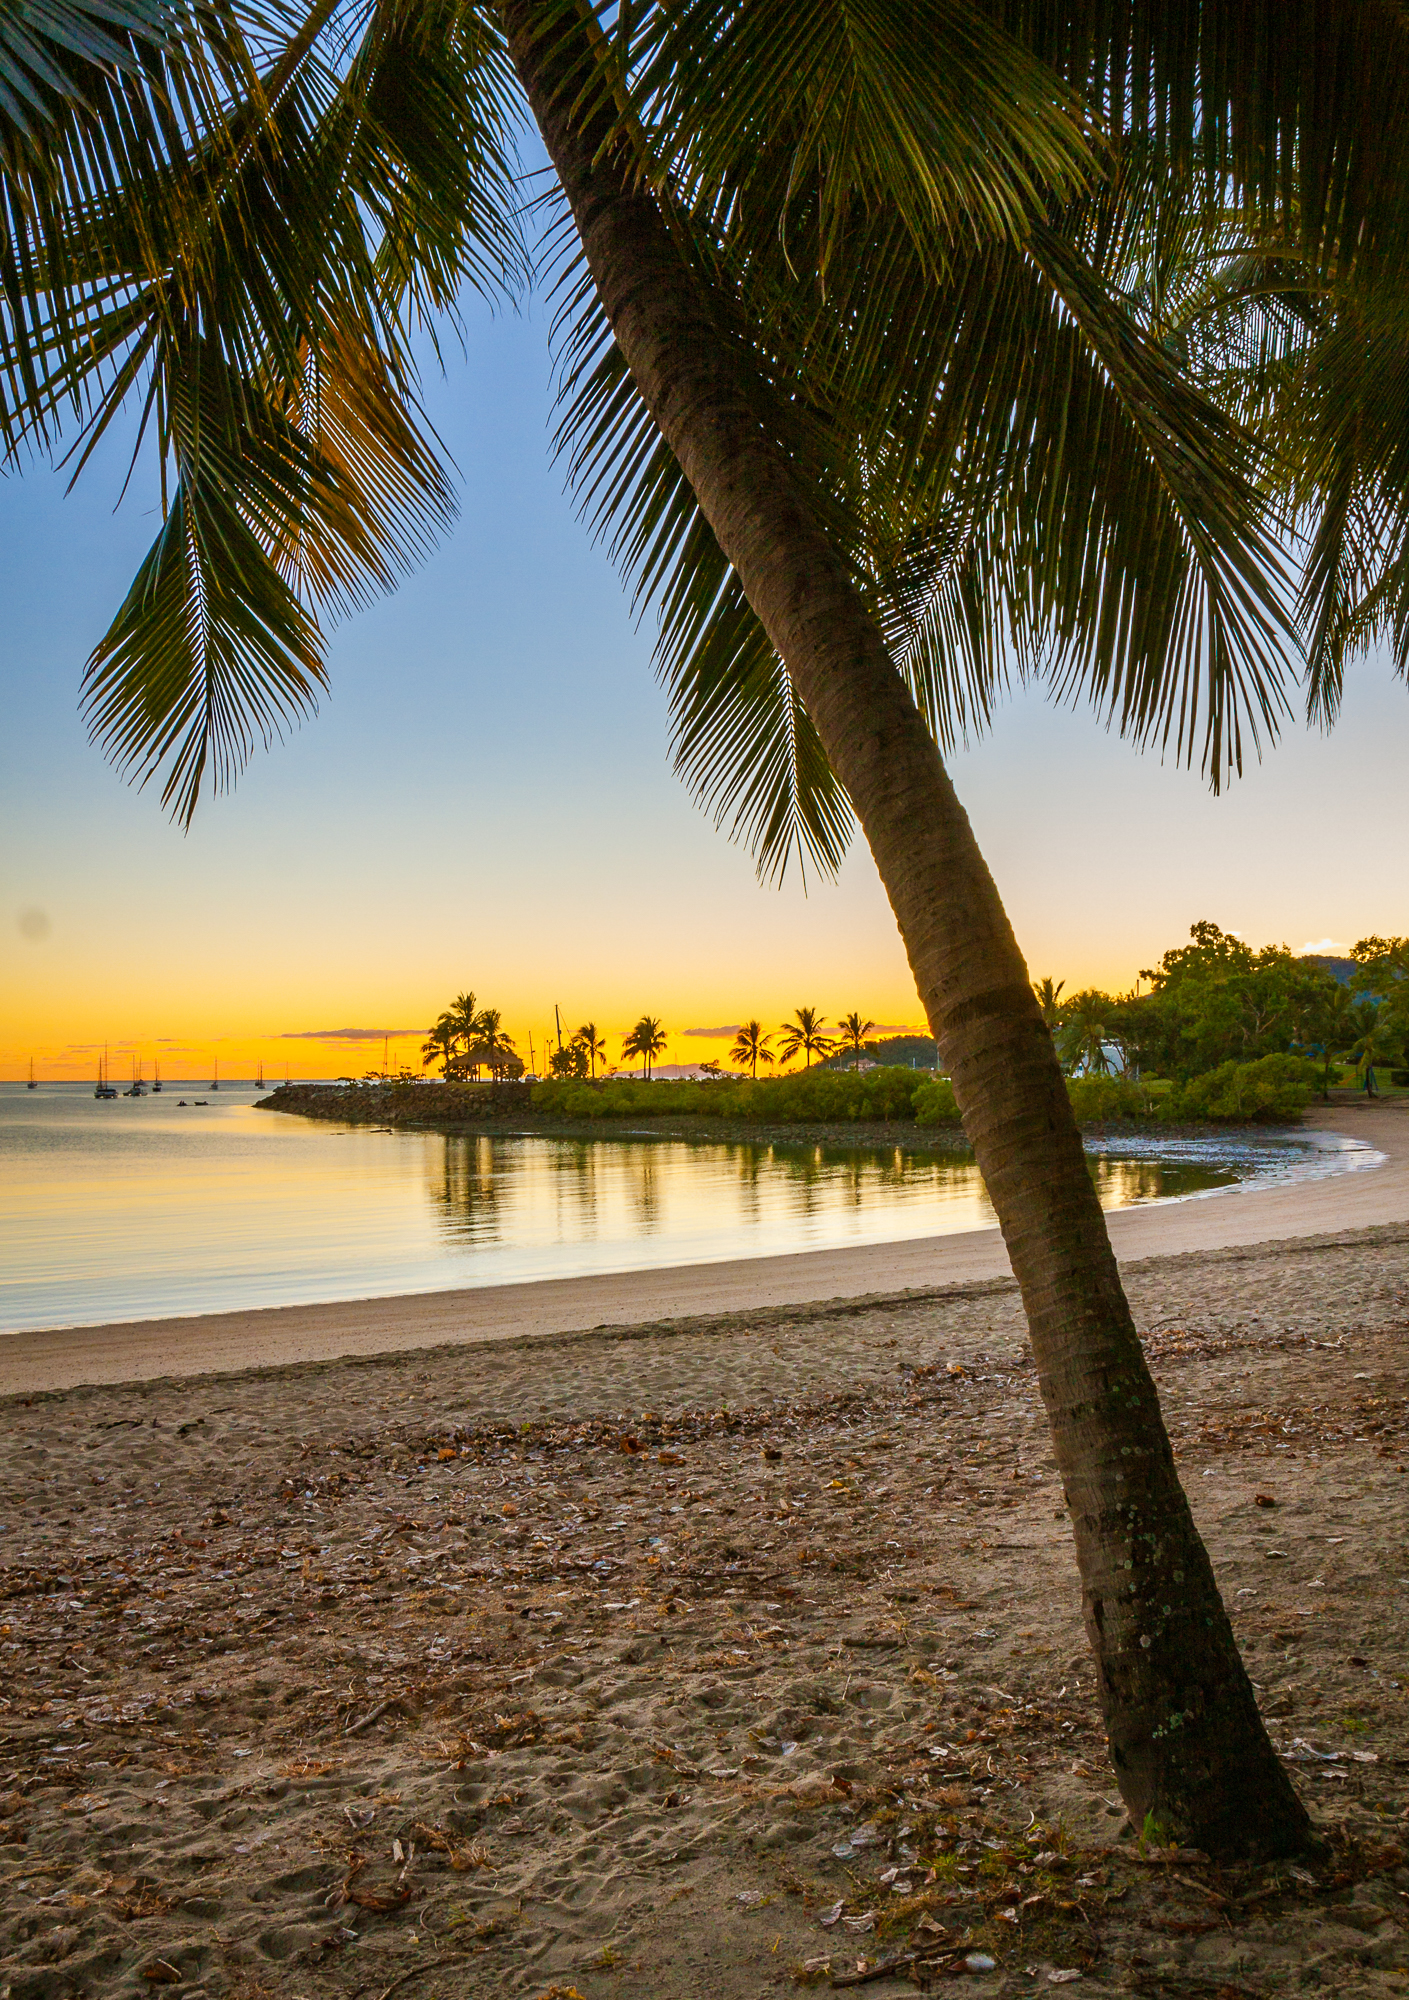 Palme Sonnenuntergang Australien